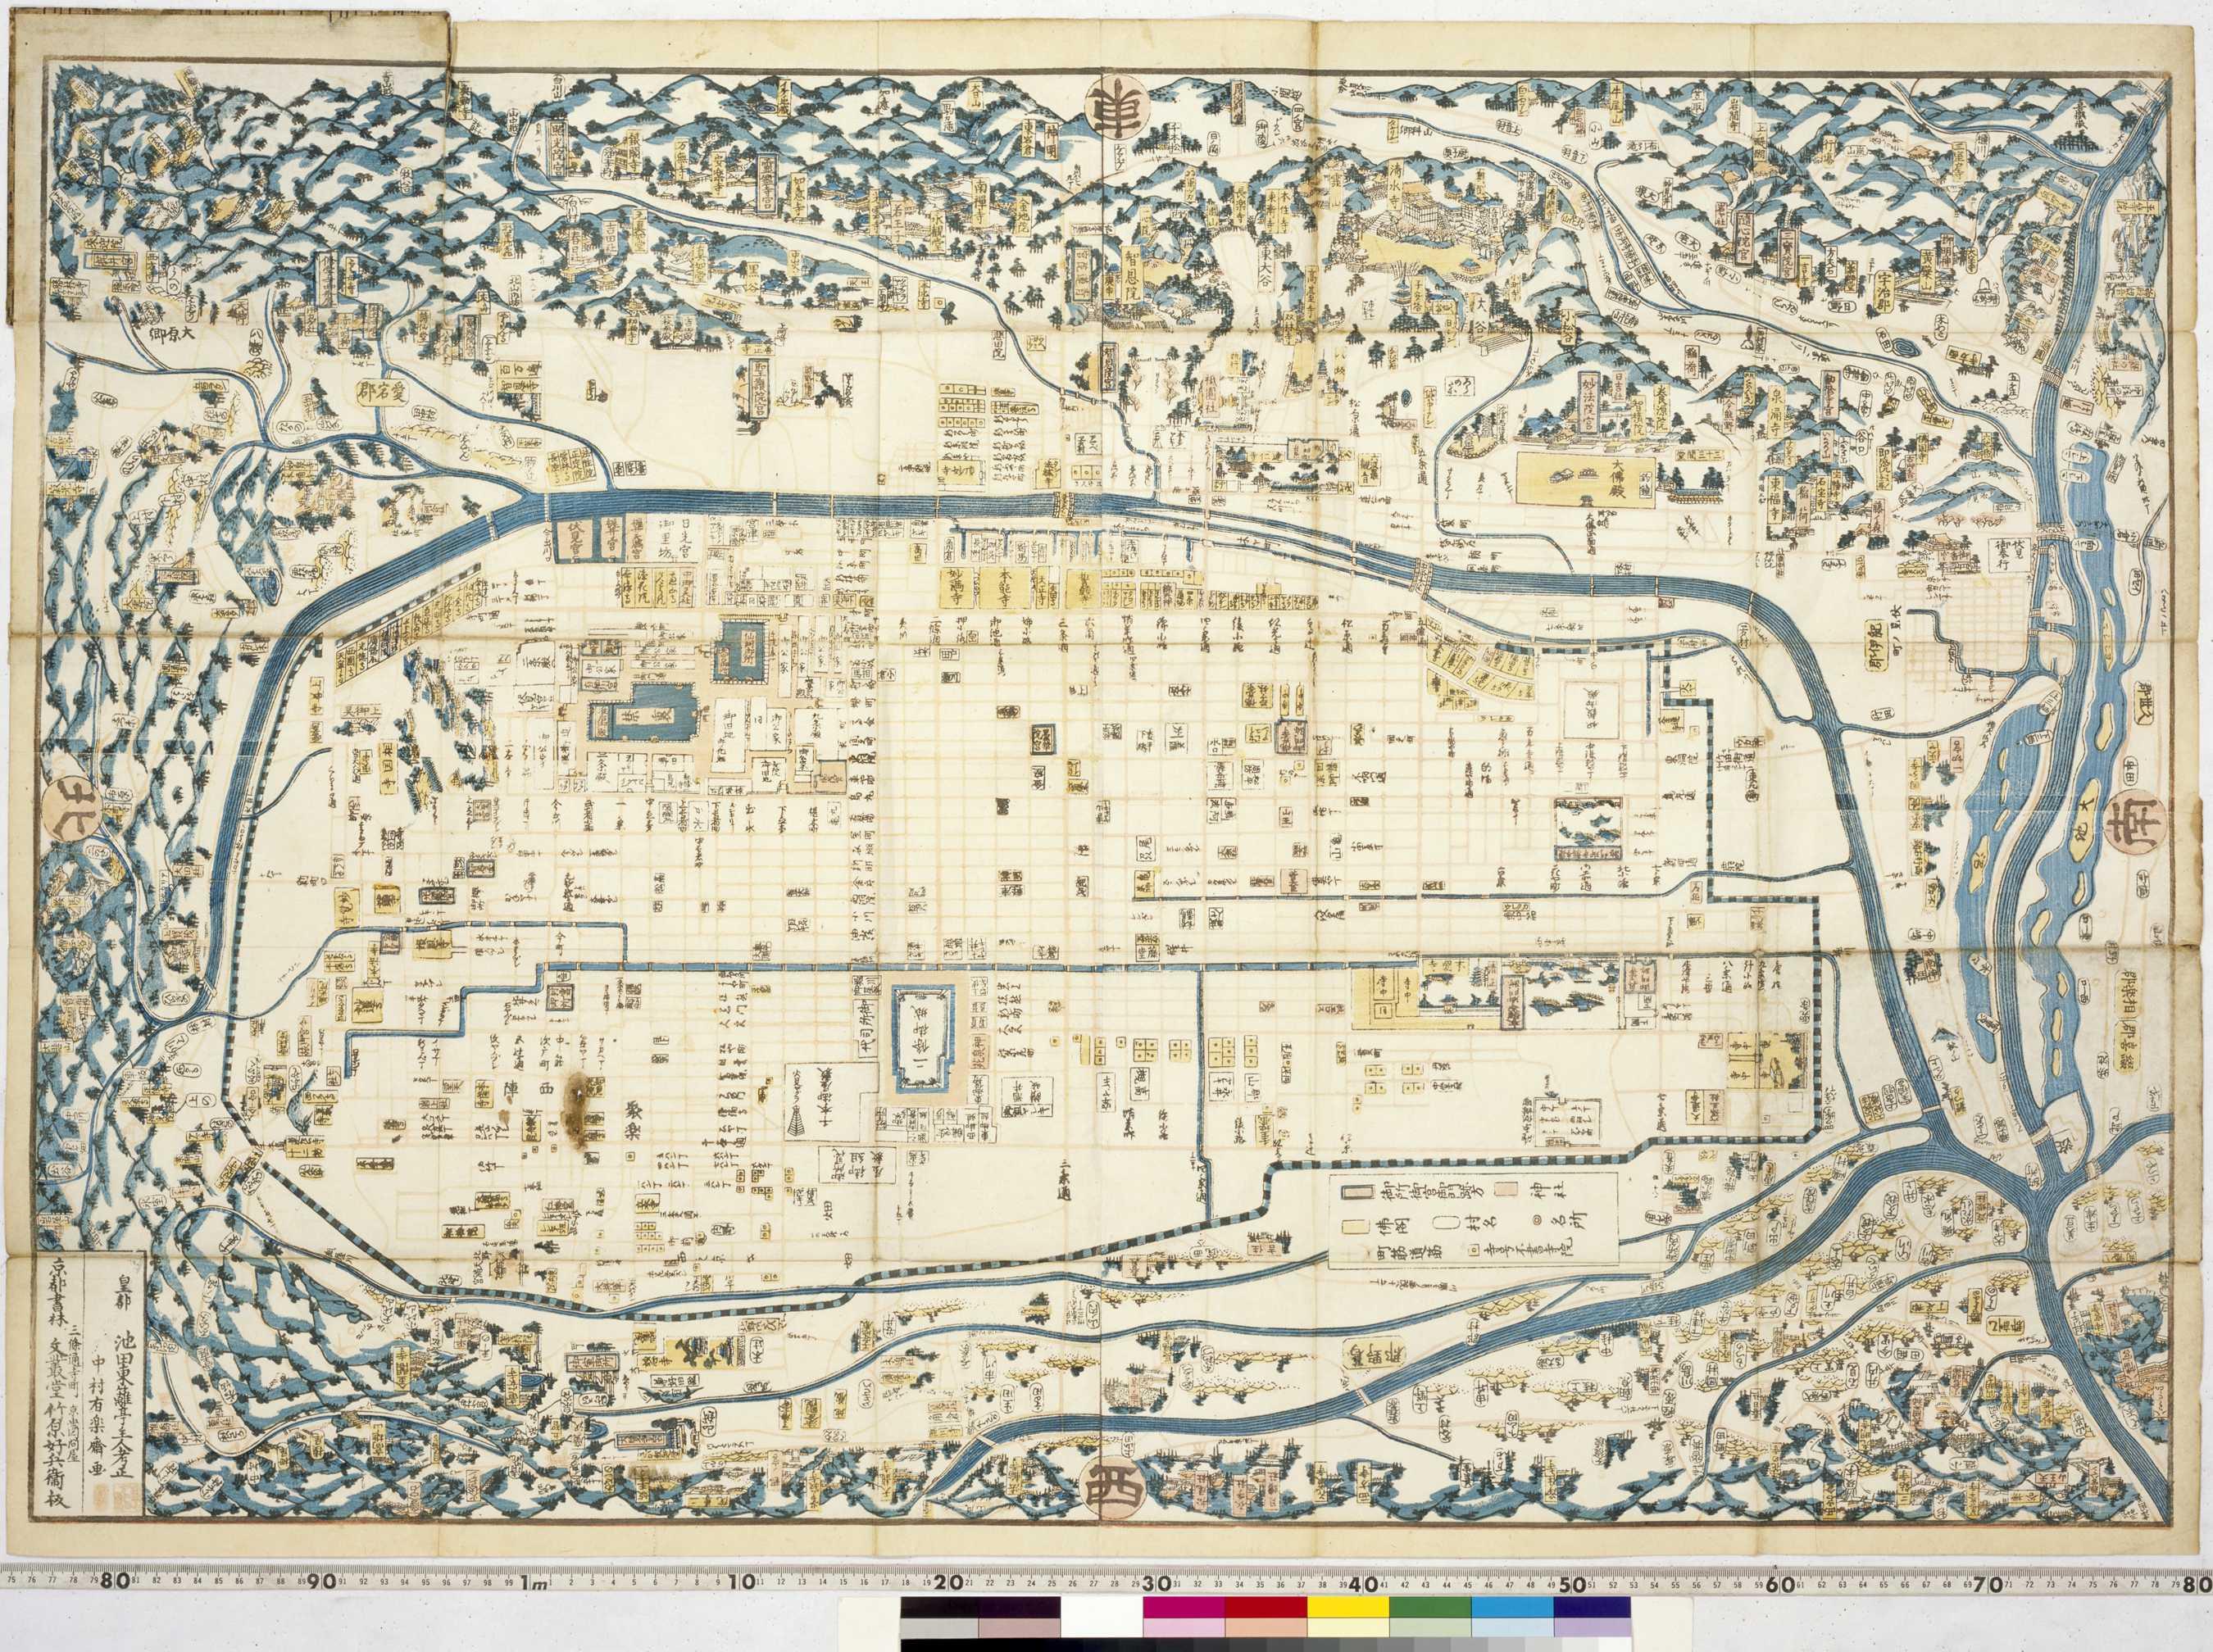 04.04 新増細見京絵図大全 (New Detailed Illustrated Map of Kyoto)